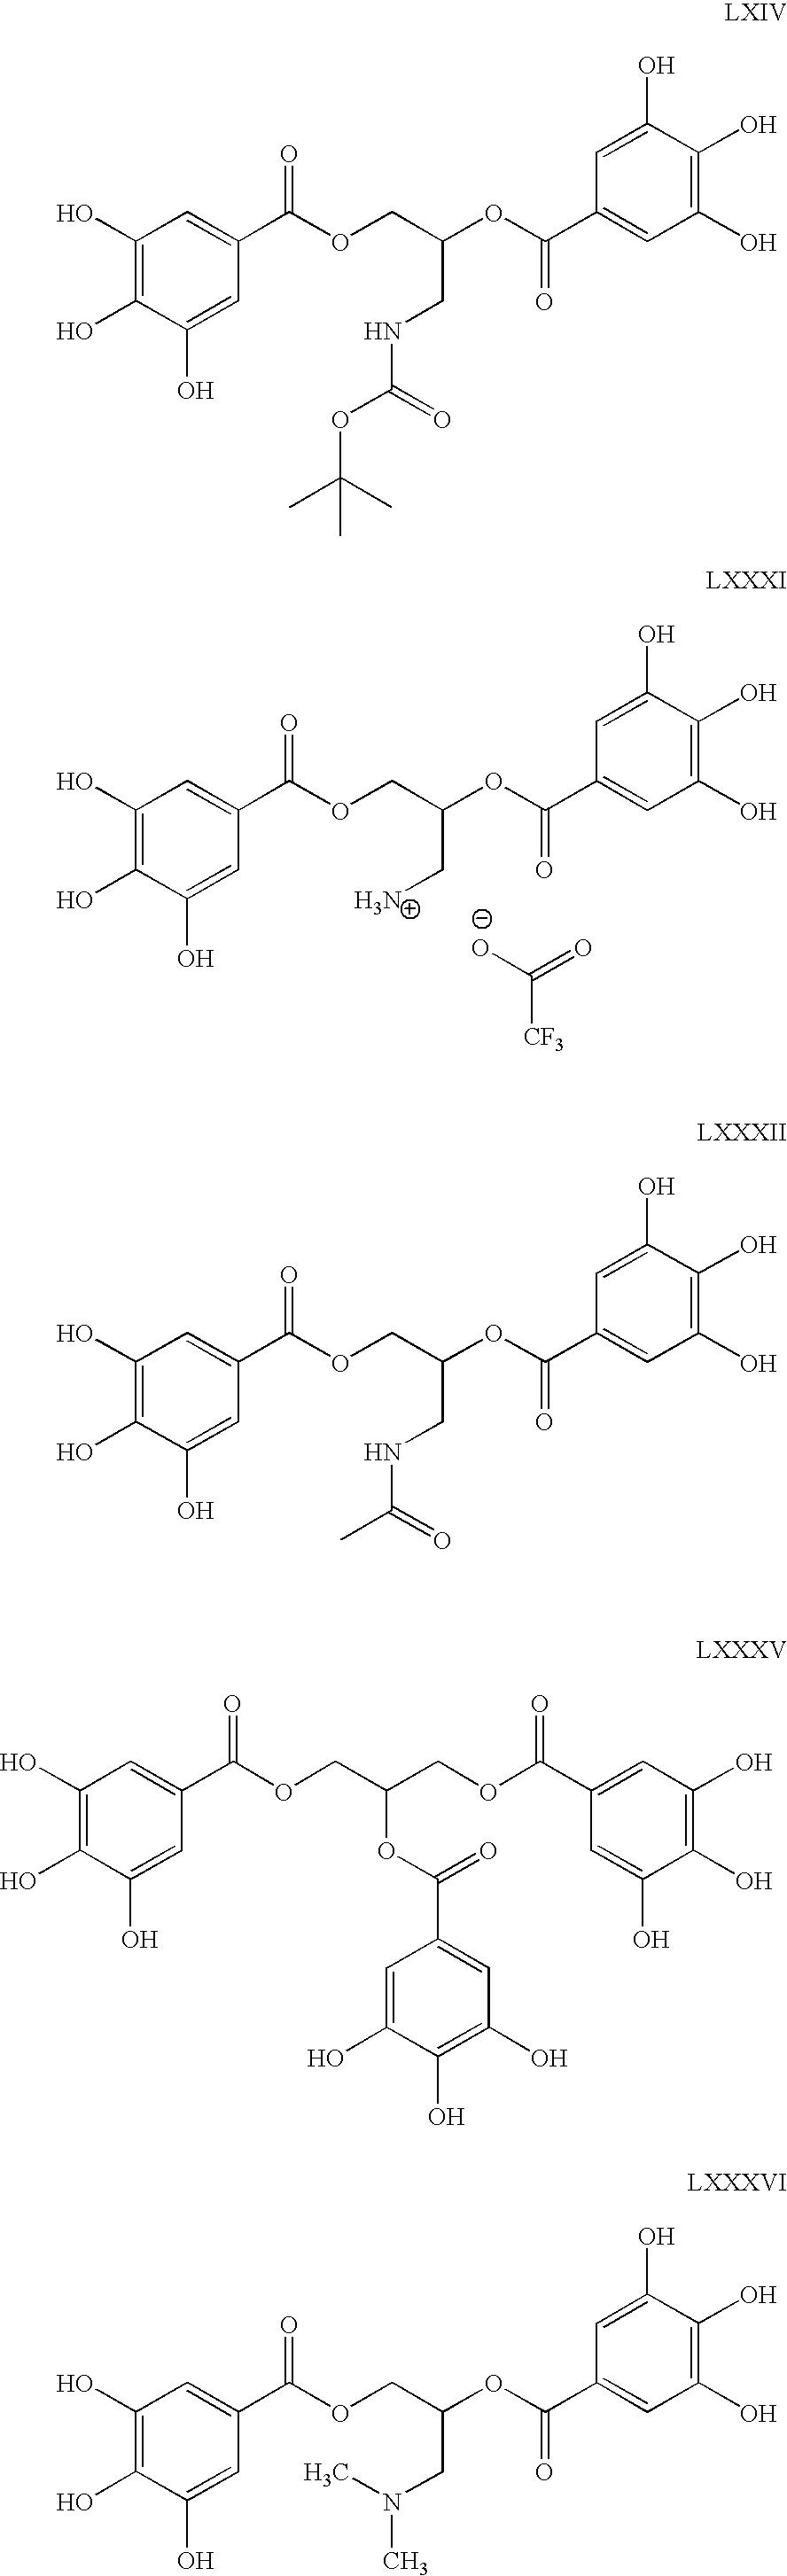 Us20100137194a1 Plasminogen Activator Inhibitor 1 Inhibitors And 1996 B100 Fuse Box Diagram Figure 20100603 C00063